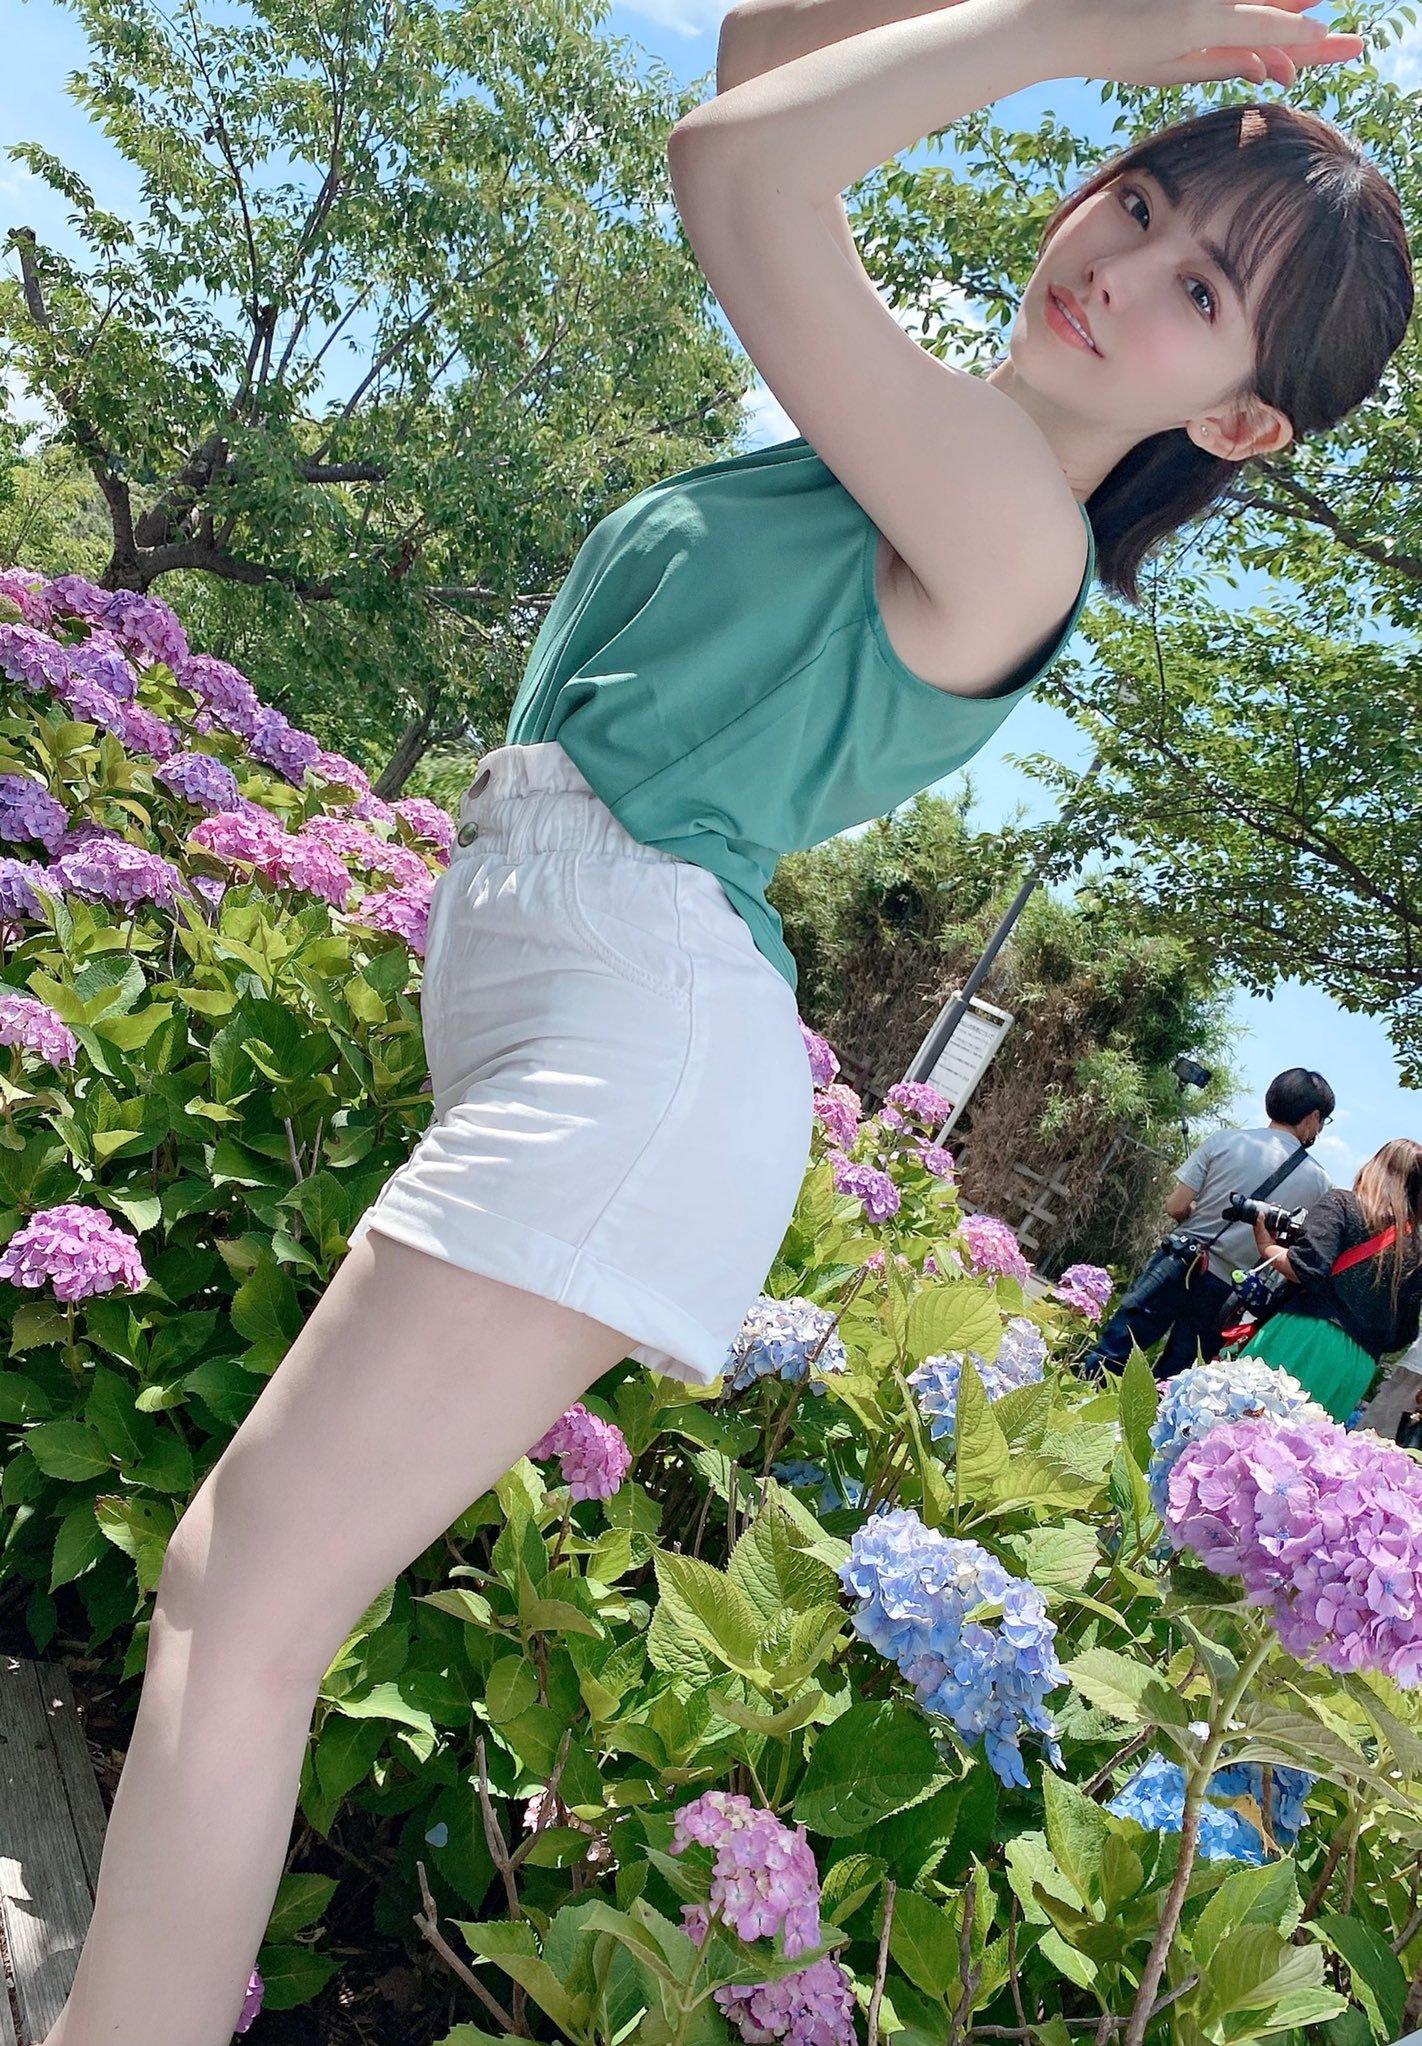 女演员《深田咏美》美照PO「穿搭可以吗」引爆恶搞P图大赛!